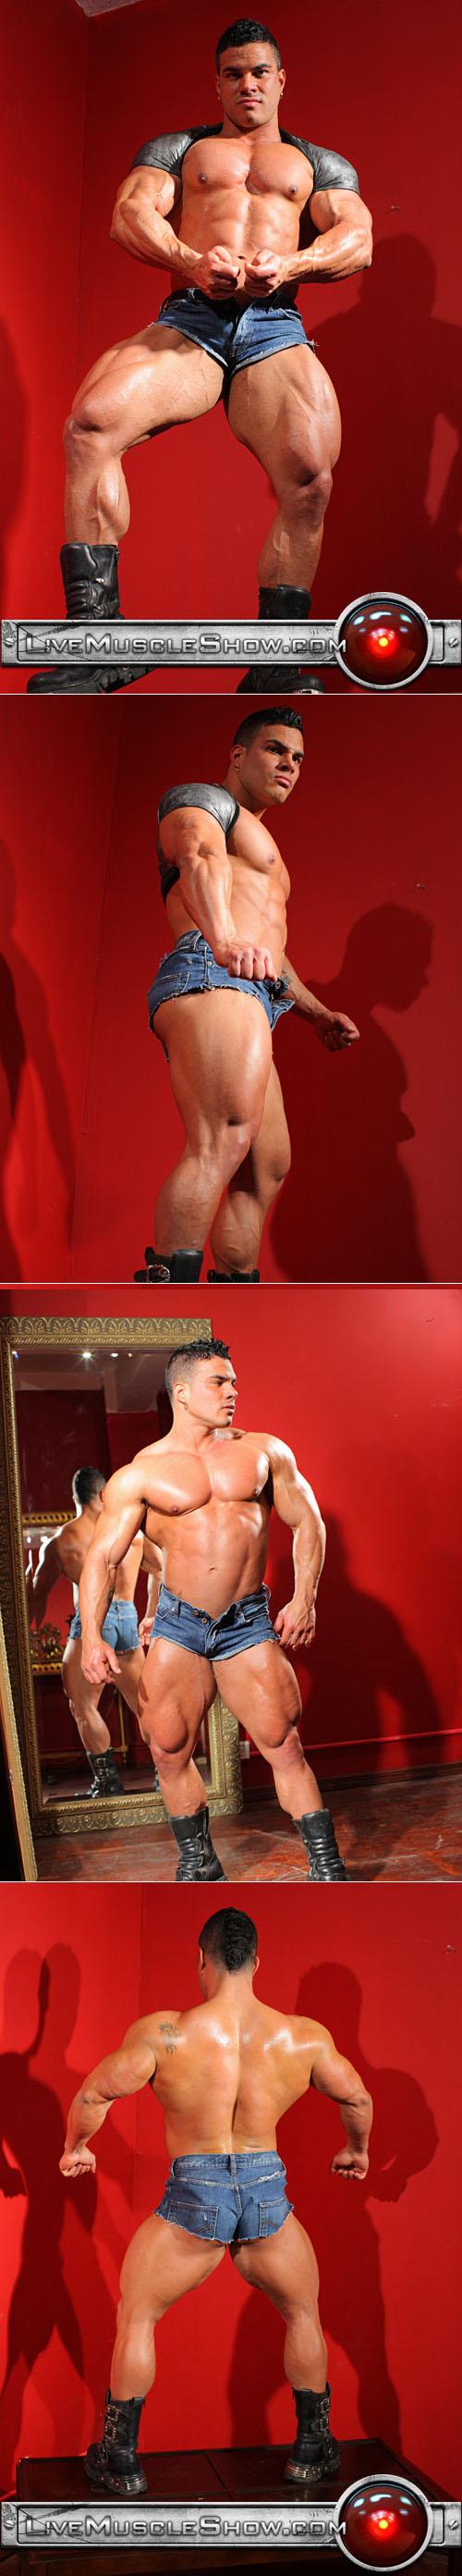 Latin bodybuilder Enzo Piler